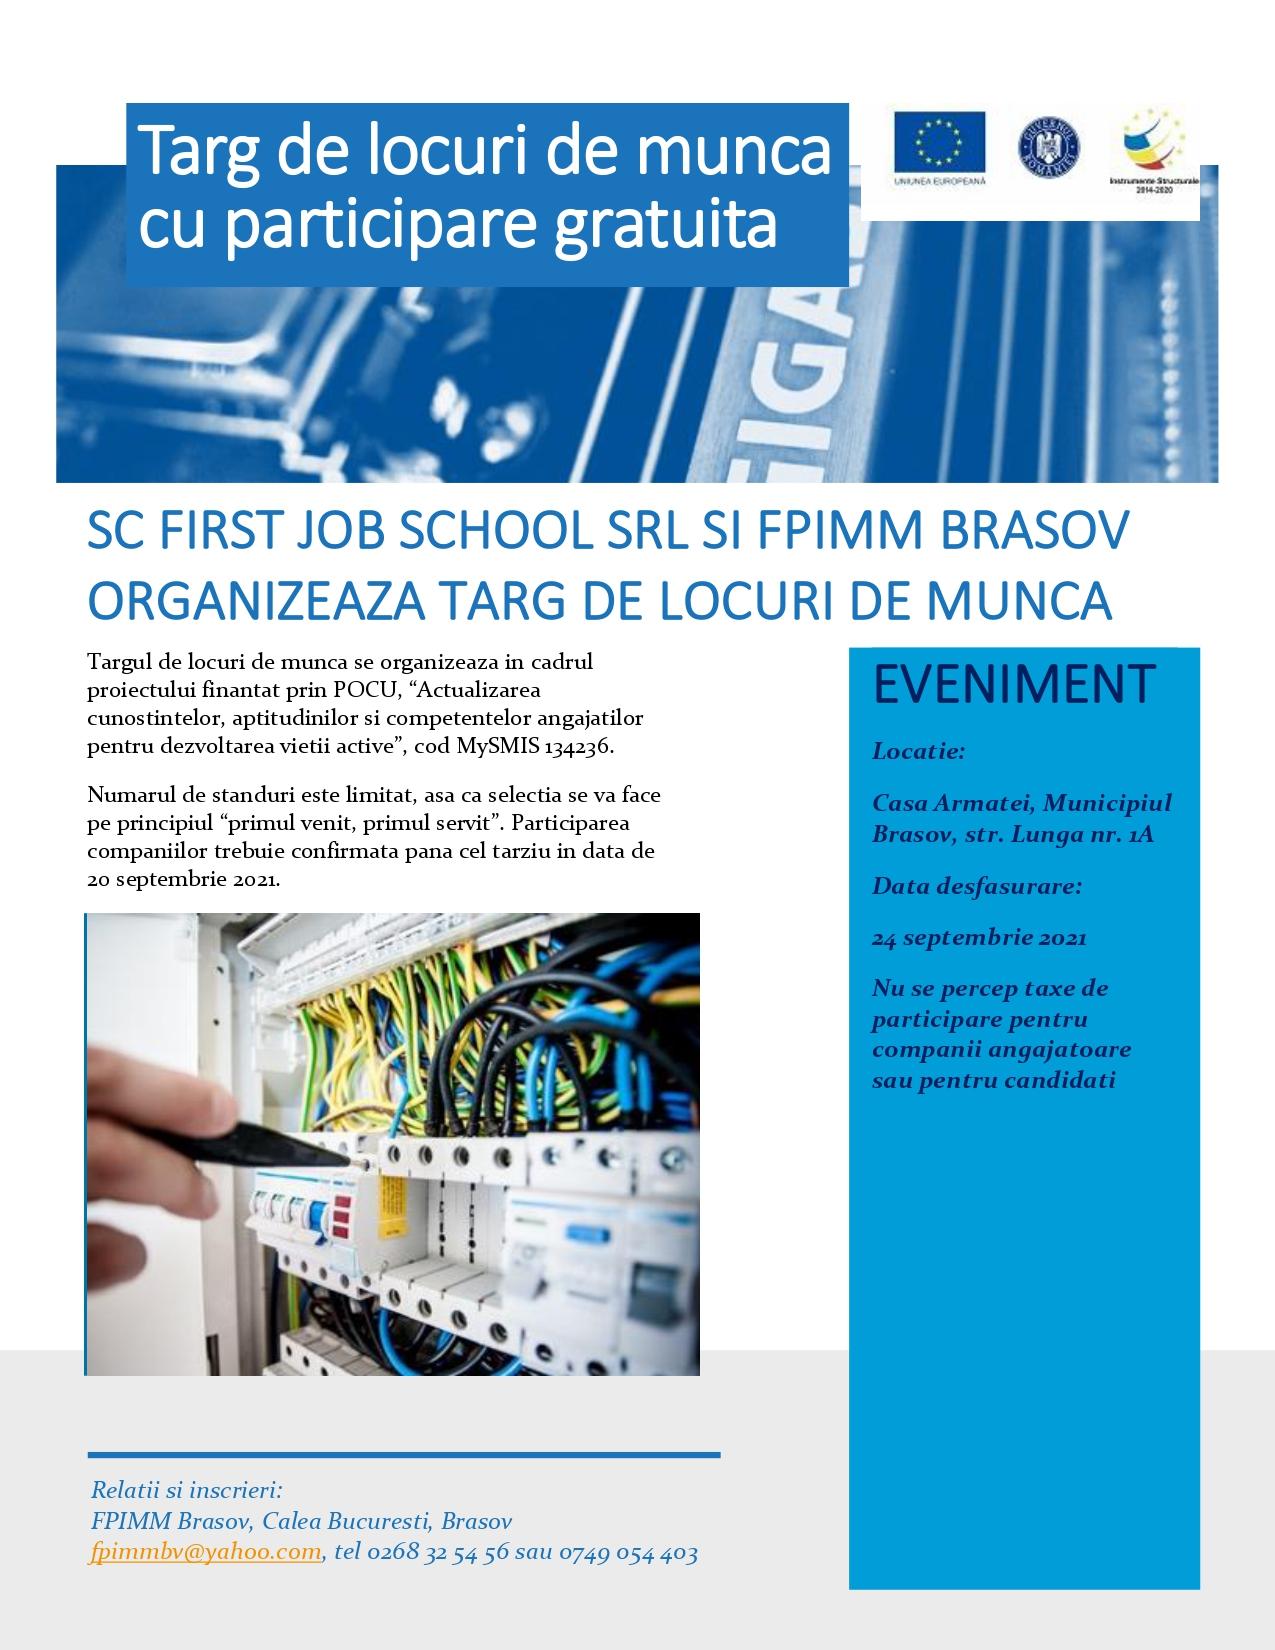 invitation free jobs fair